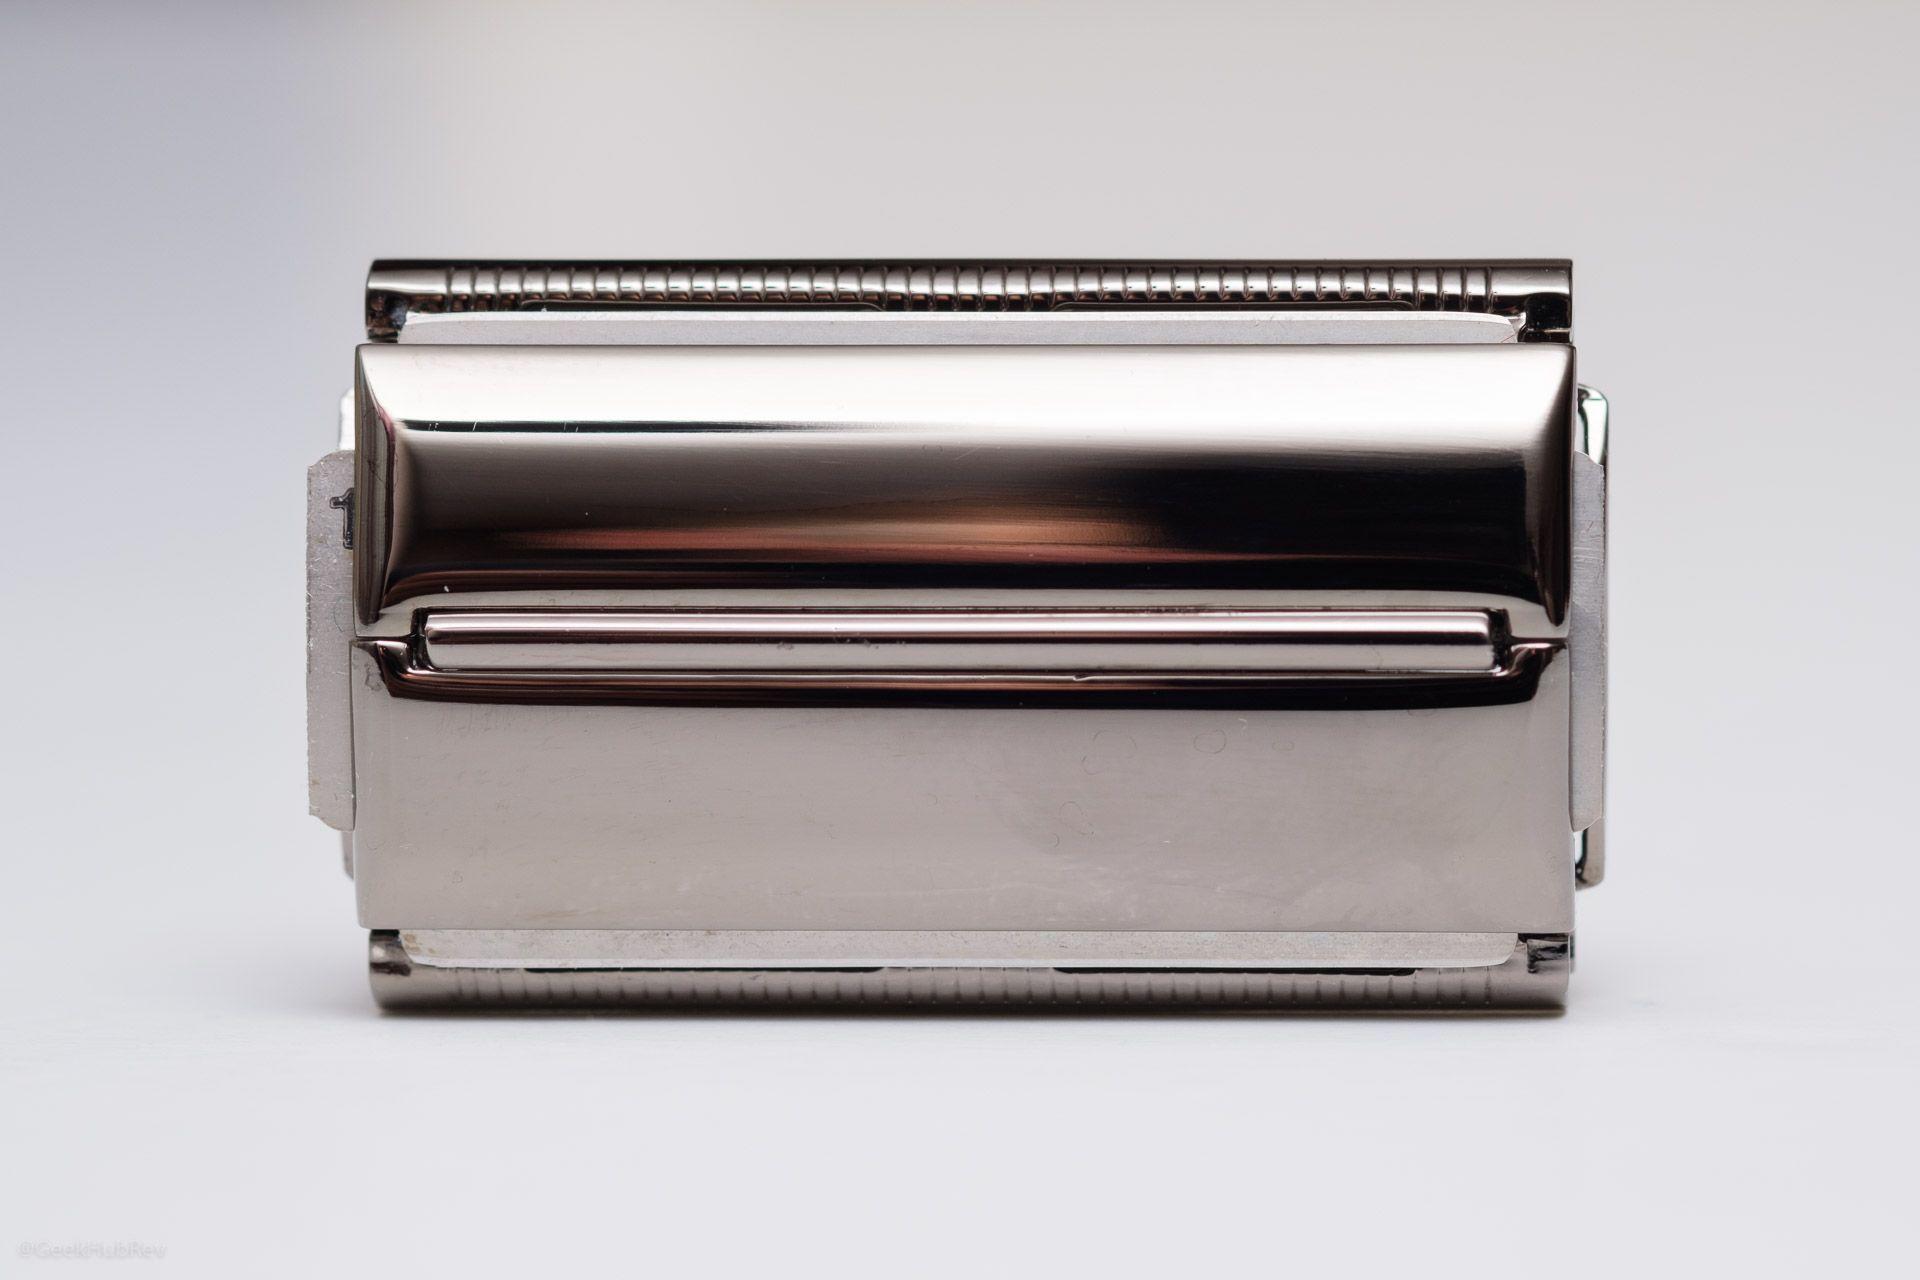 Maszynka do golenia na żyletki QShave RD269 (Weishi 9306)